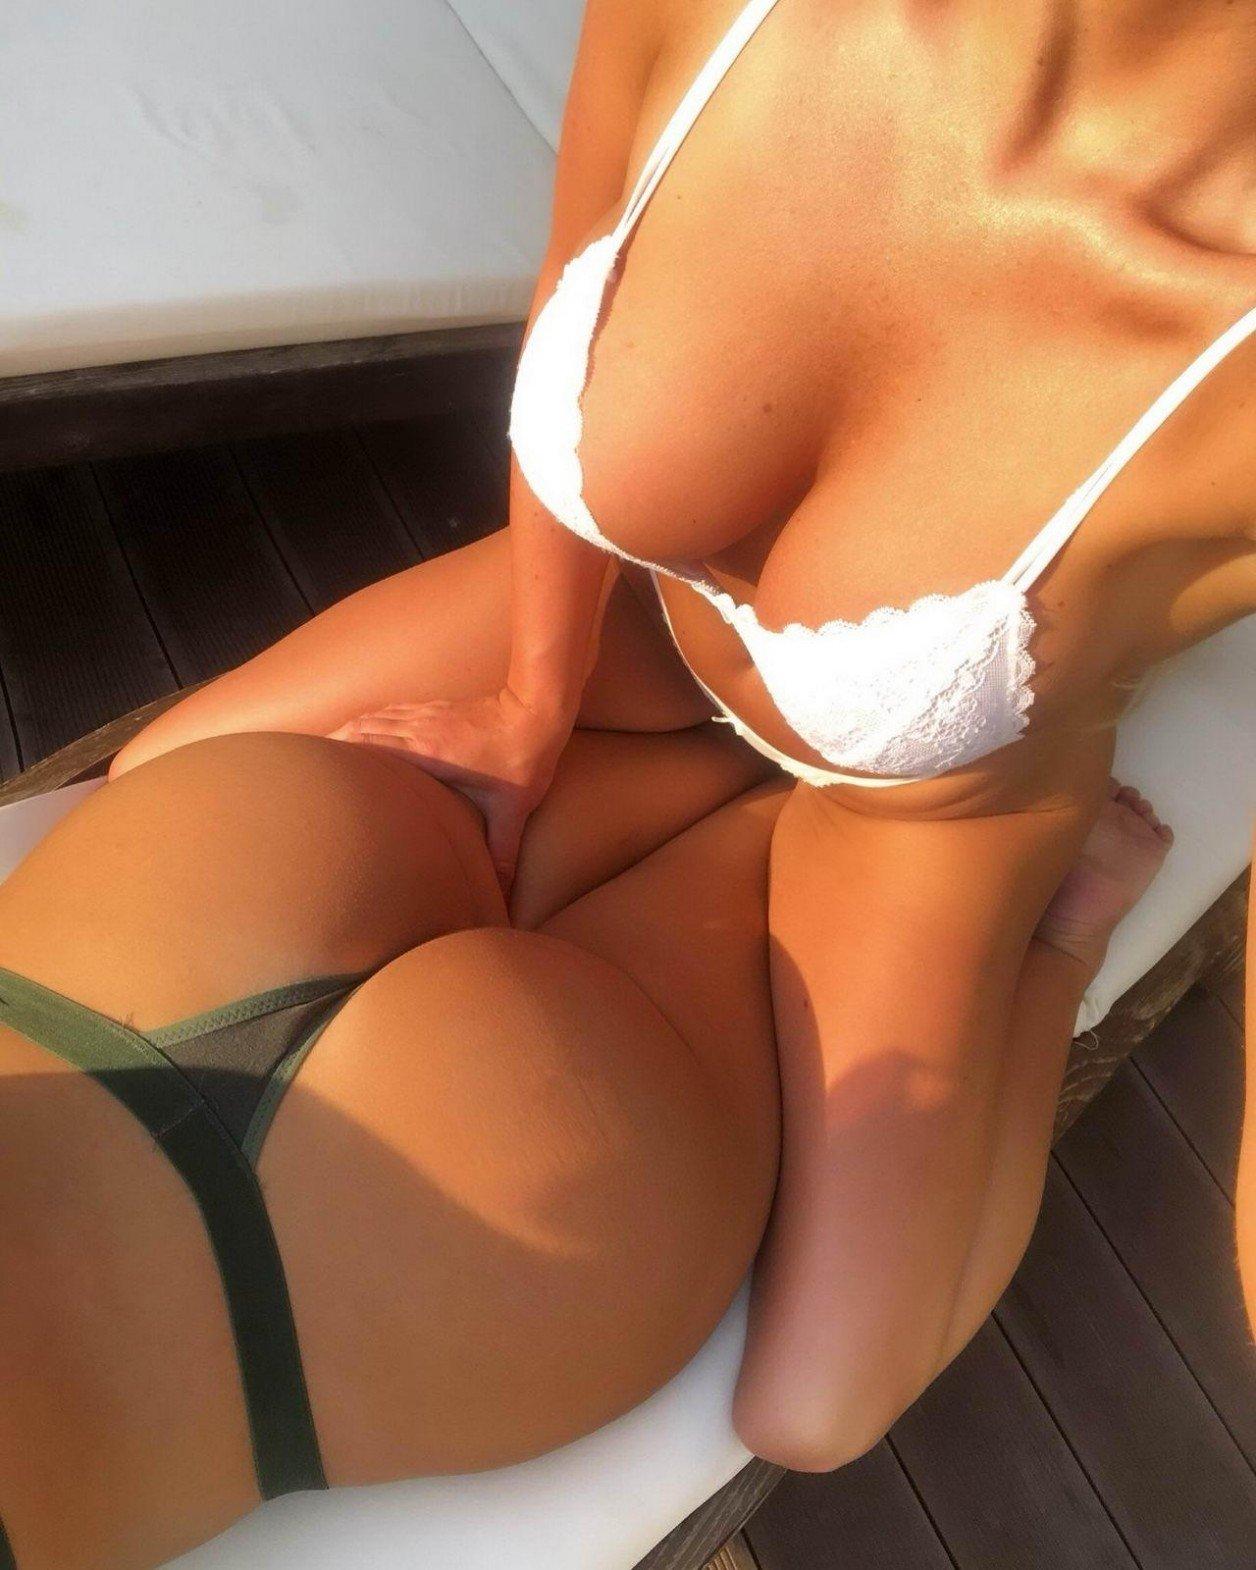 Big ass big boobs latina